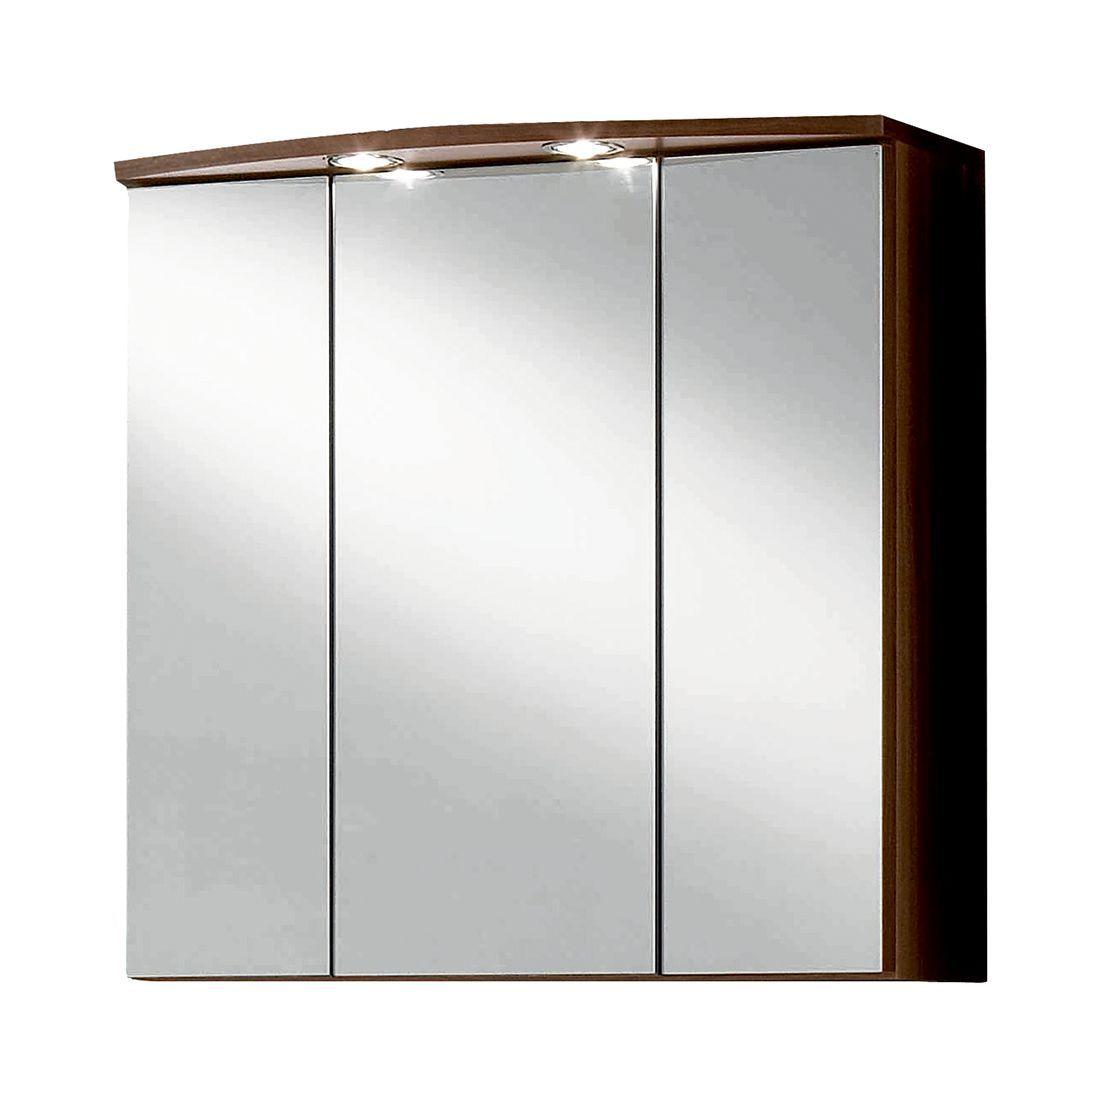 3D-Spiegelschrank Well-ness - Eiche Dunkel, Giessbach Jetzt ...